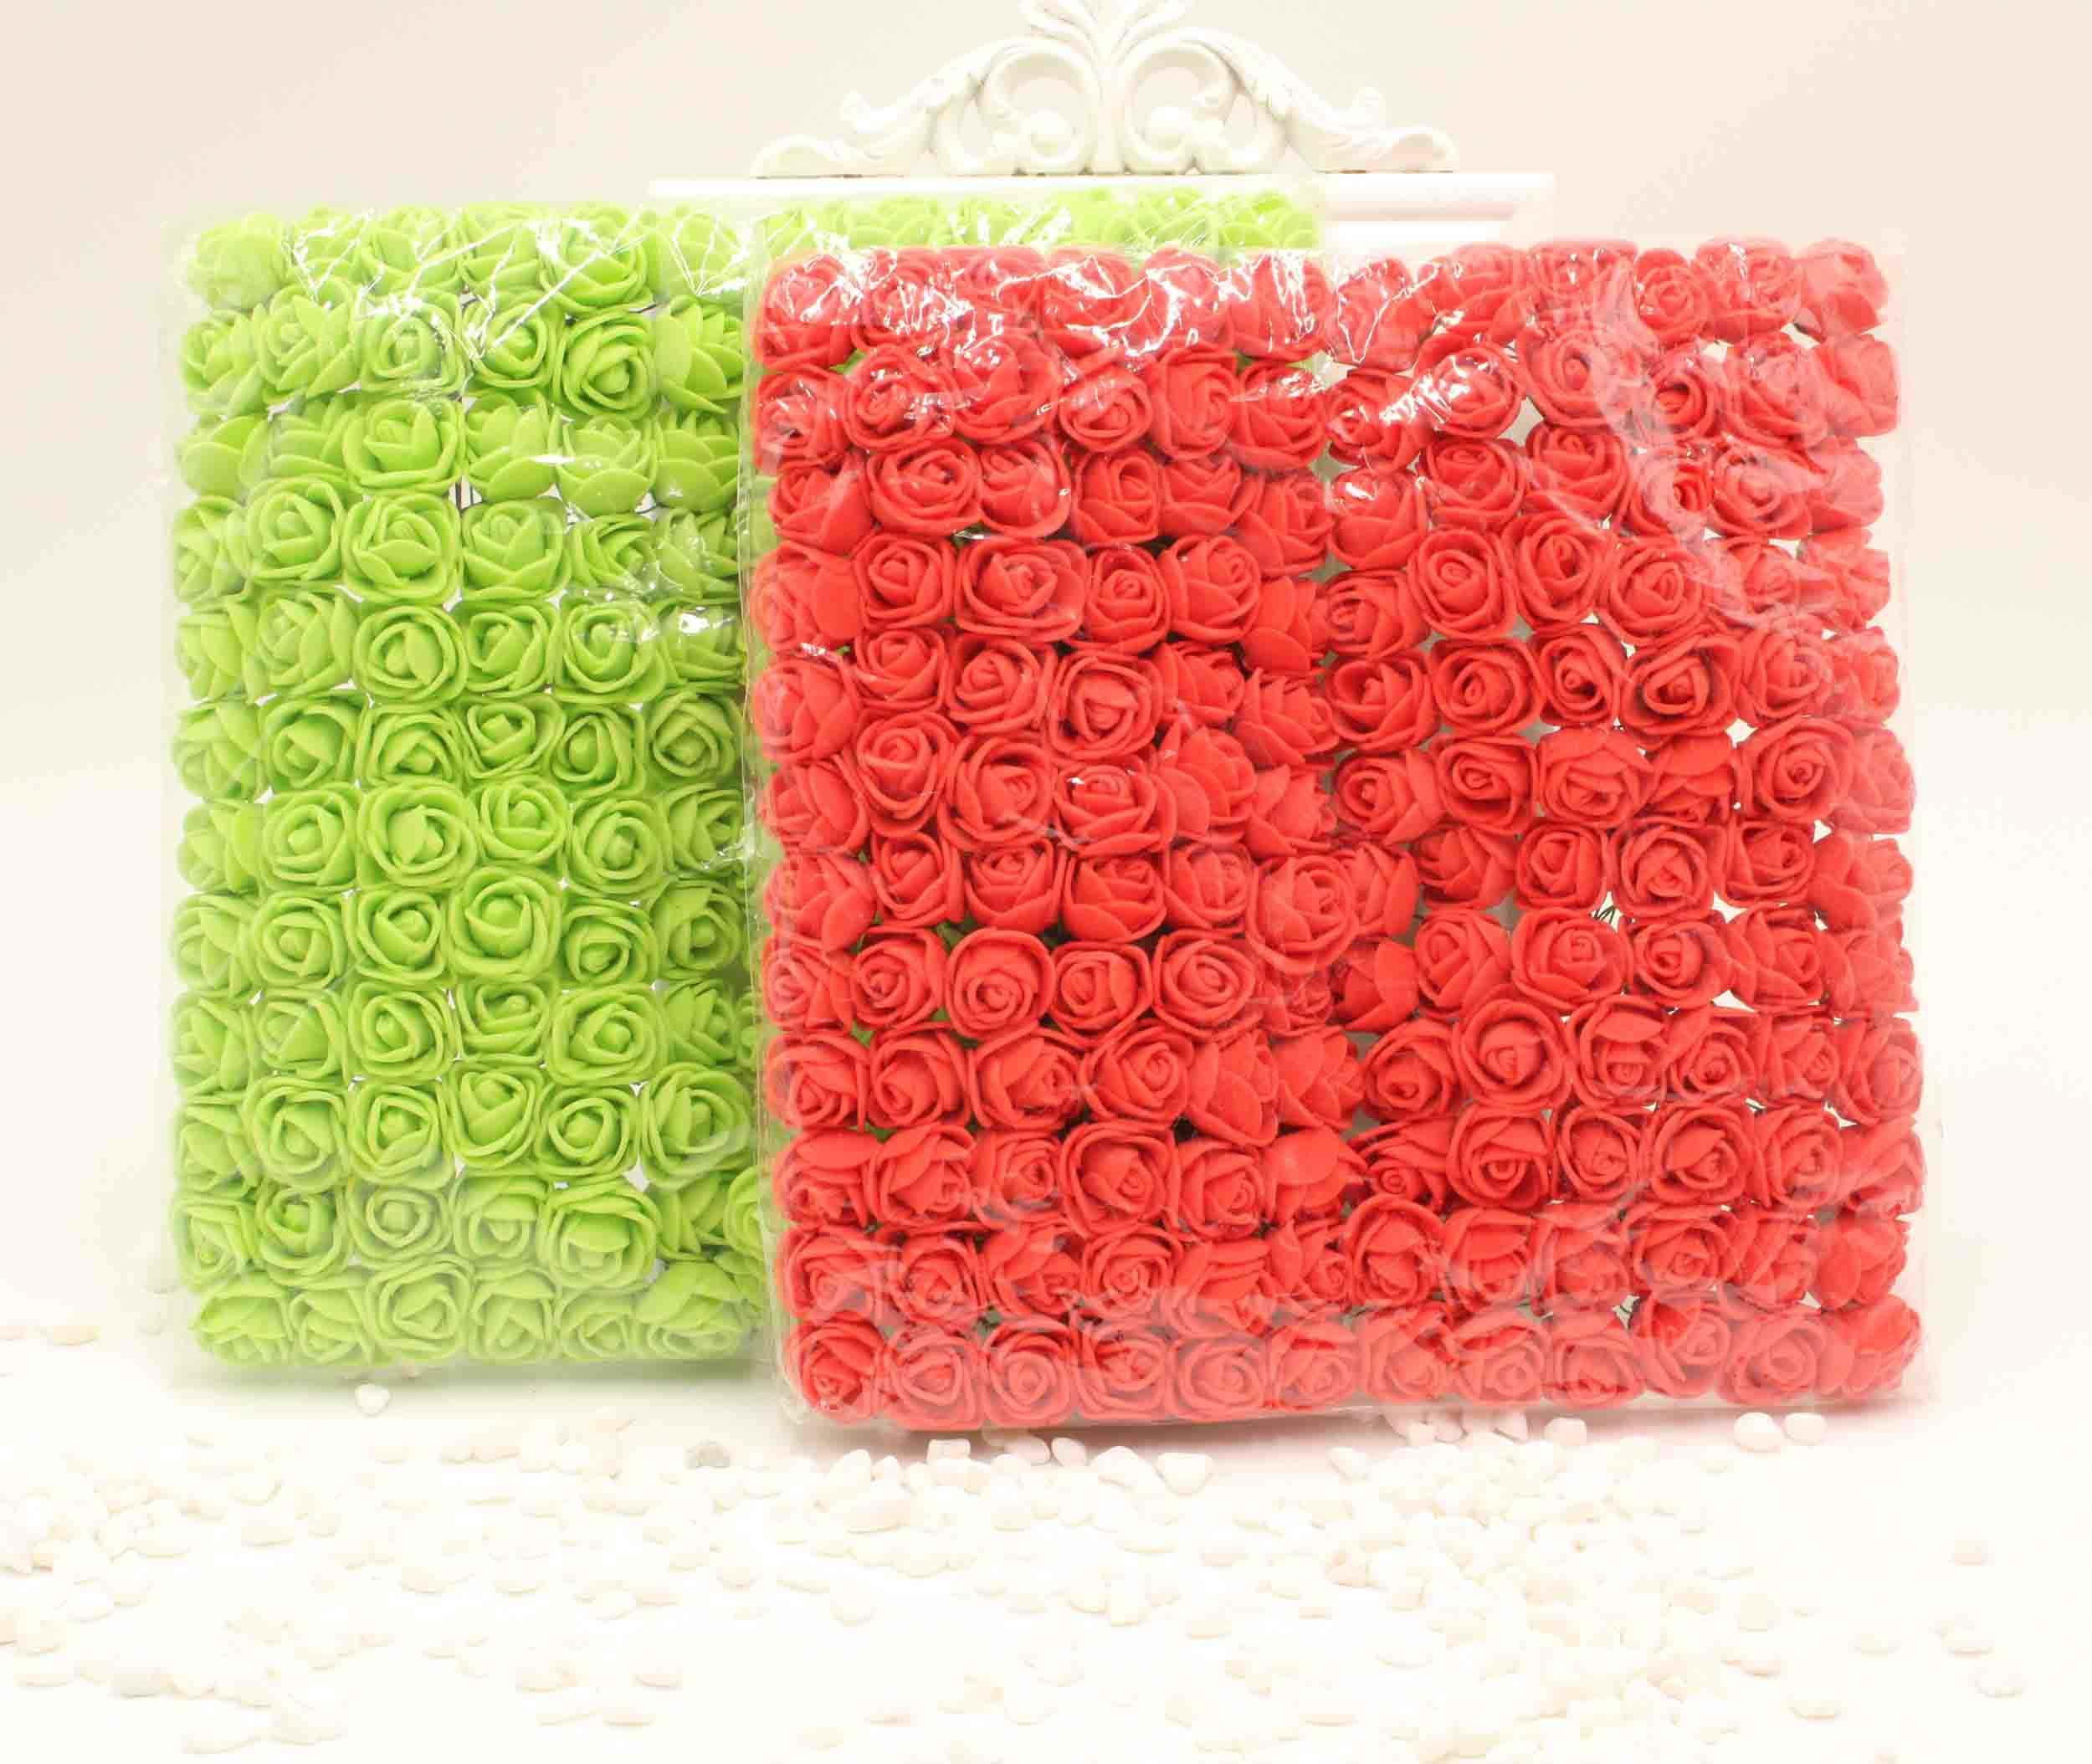 144 stücke 2 cm MINI schaum rose künstliche bouquet rose bär hochzeit weihnachten wand blume dekoration sammelalbum gefälschte rose